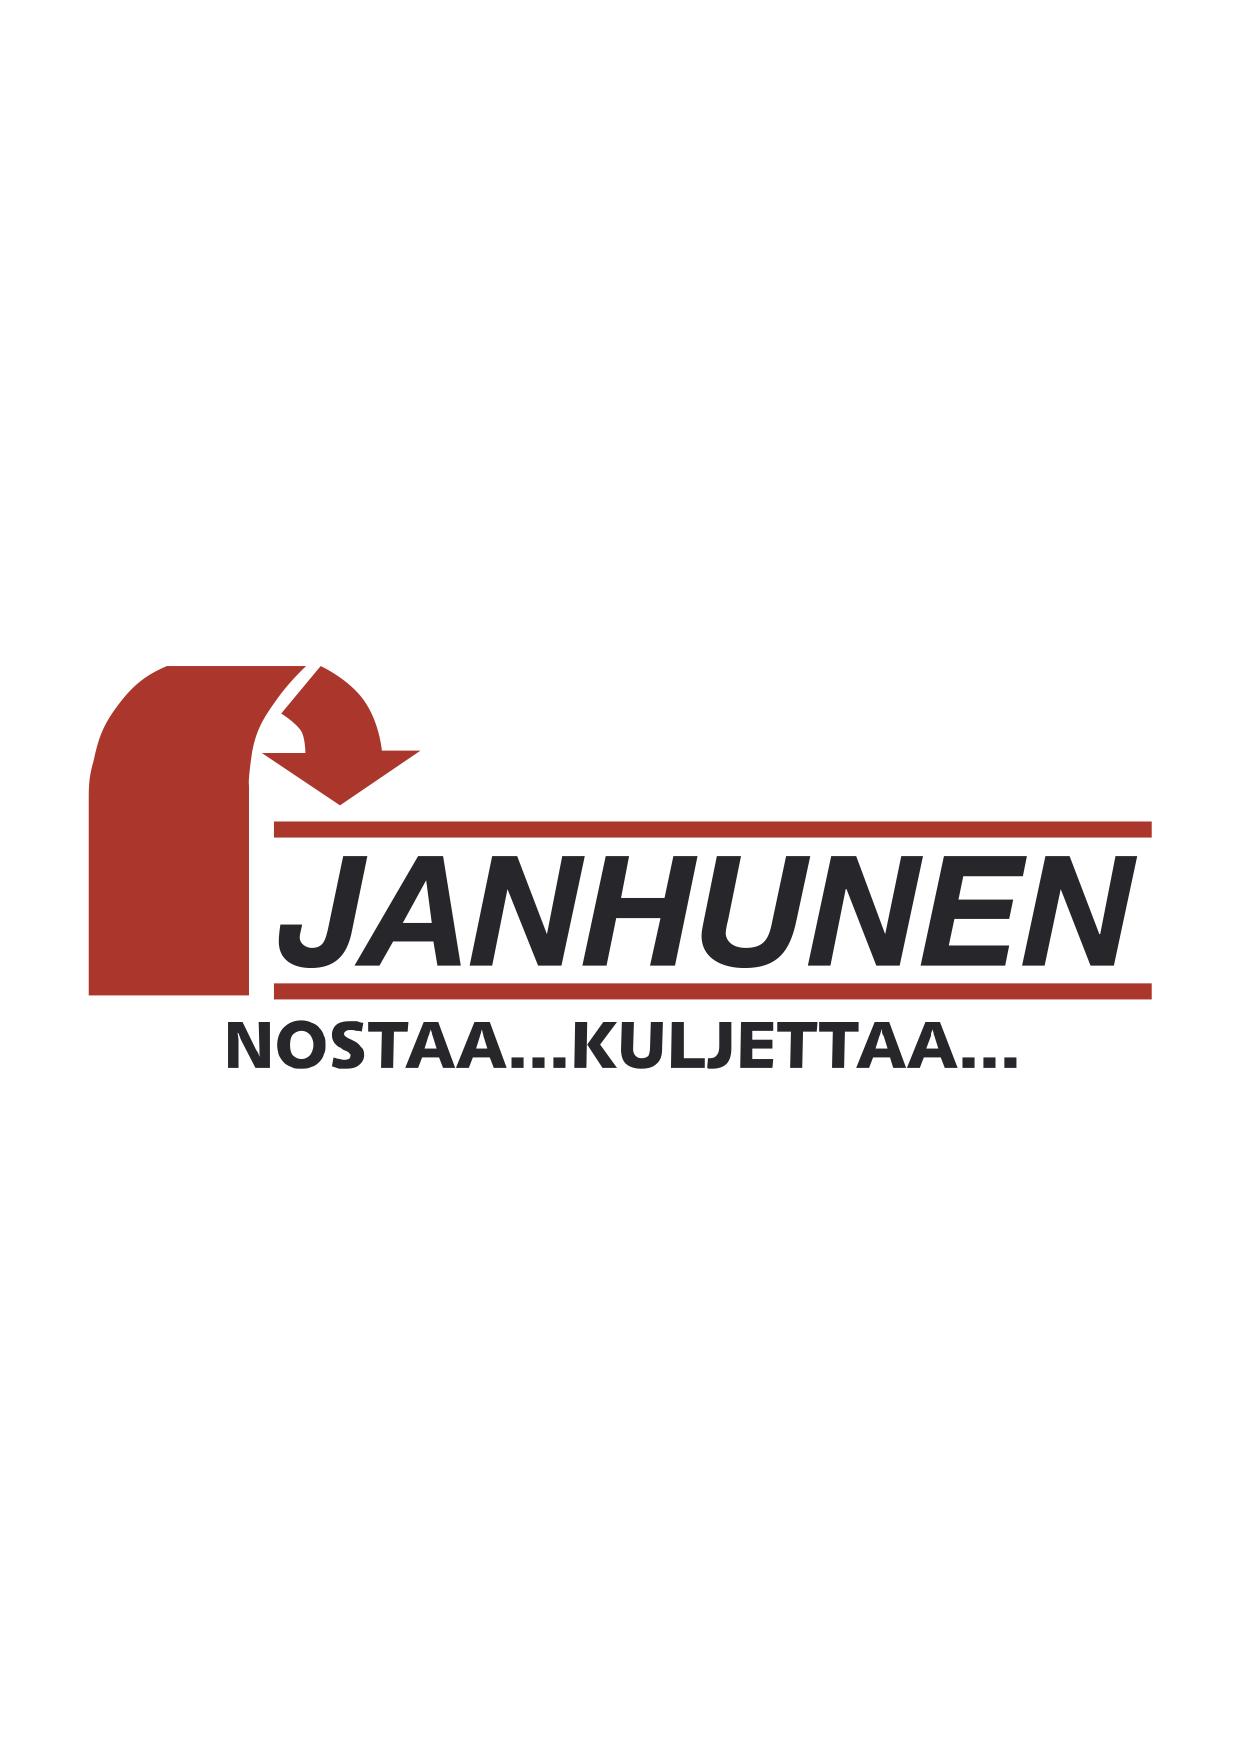 Janhunen - Nostaa... Kuljettaa...